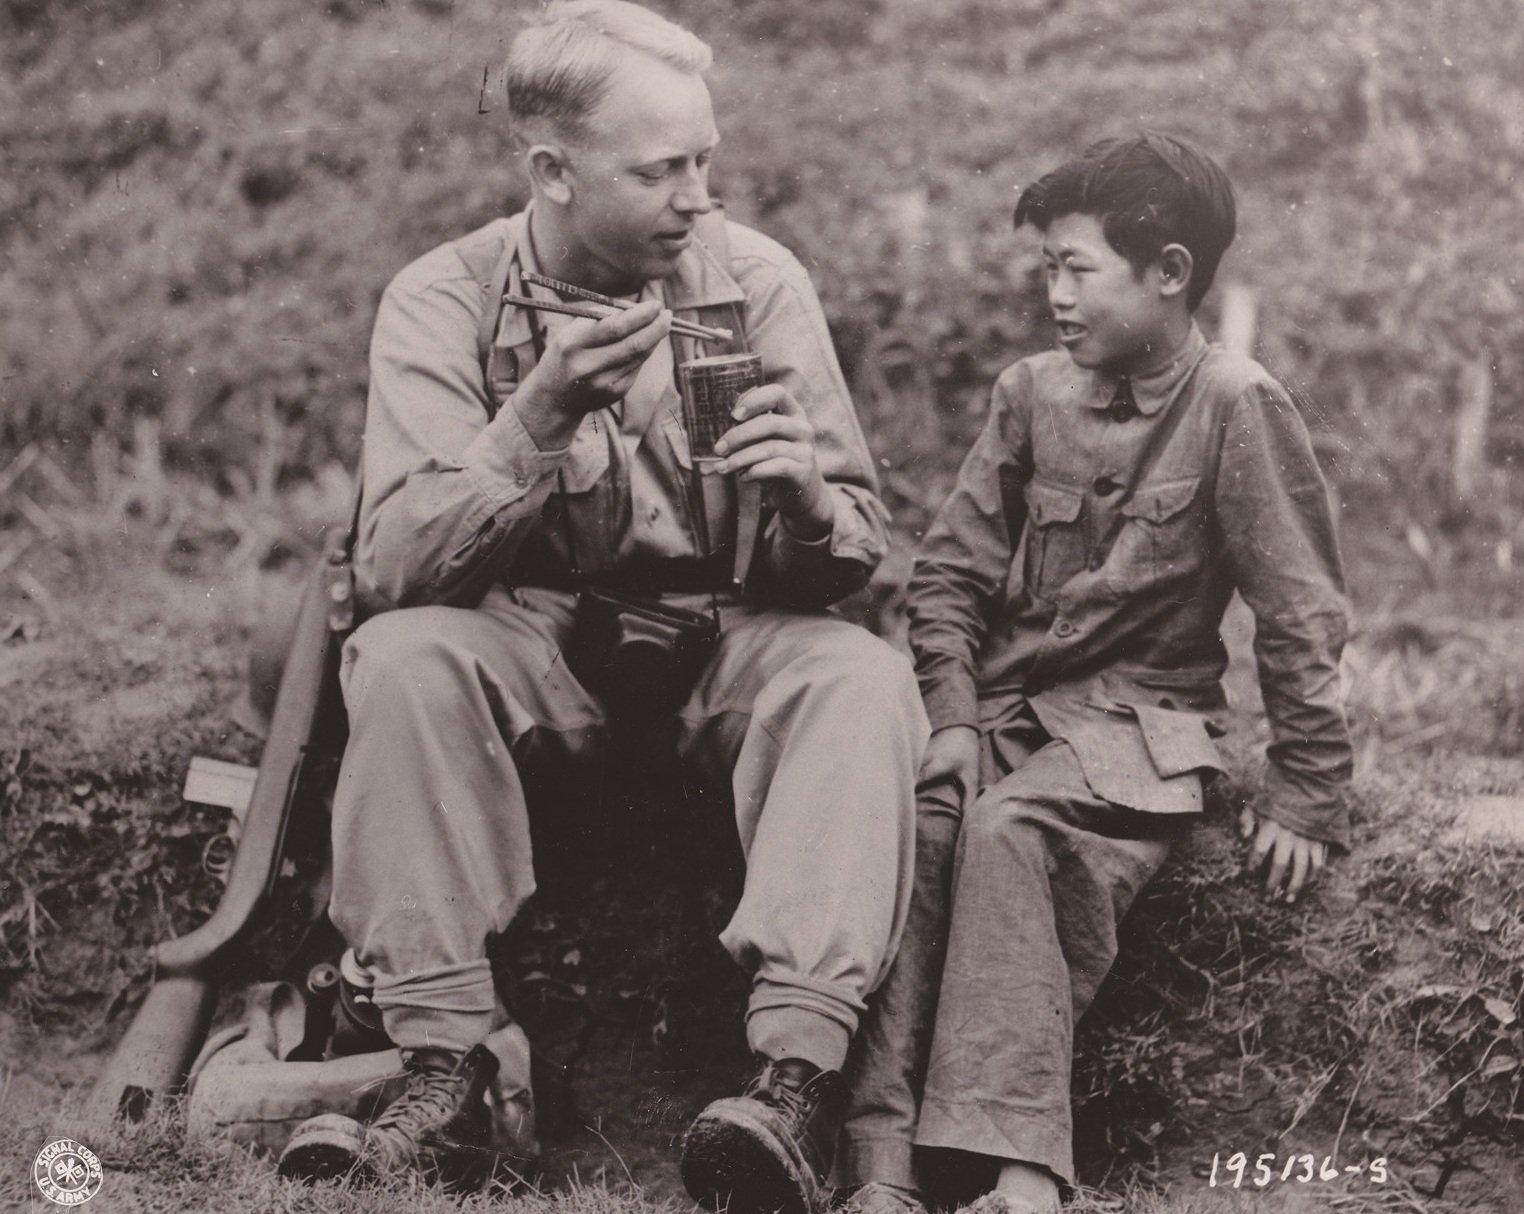 在中缅印战场,来自北达科塔州的通信兵摄影师上等兵亚瑟・海吉用筷子吃美国野战口粮,身旁的小孩李田右(音)在教他使用筷子。海吉正在前往前线拍摄中国军队行动的影像途中停下来休息用餐。拍摄于中国,1944年5月6日。